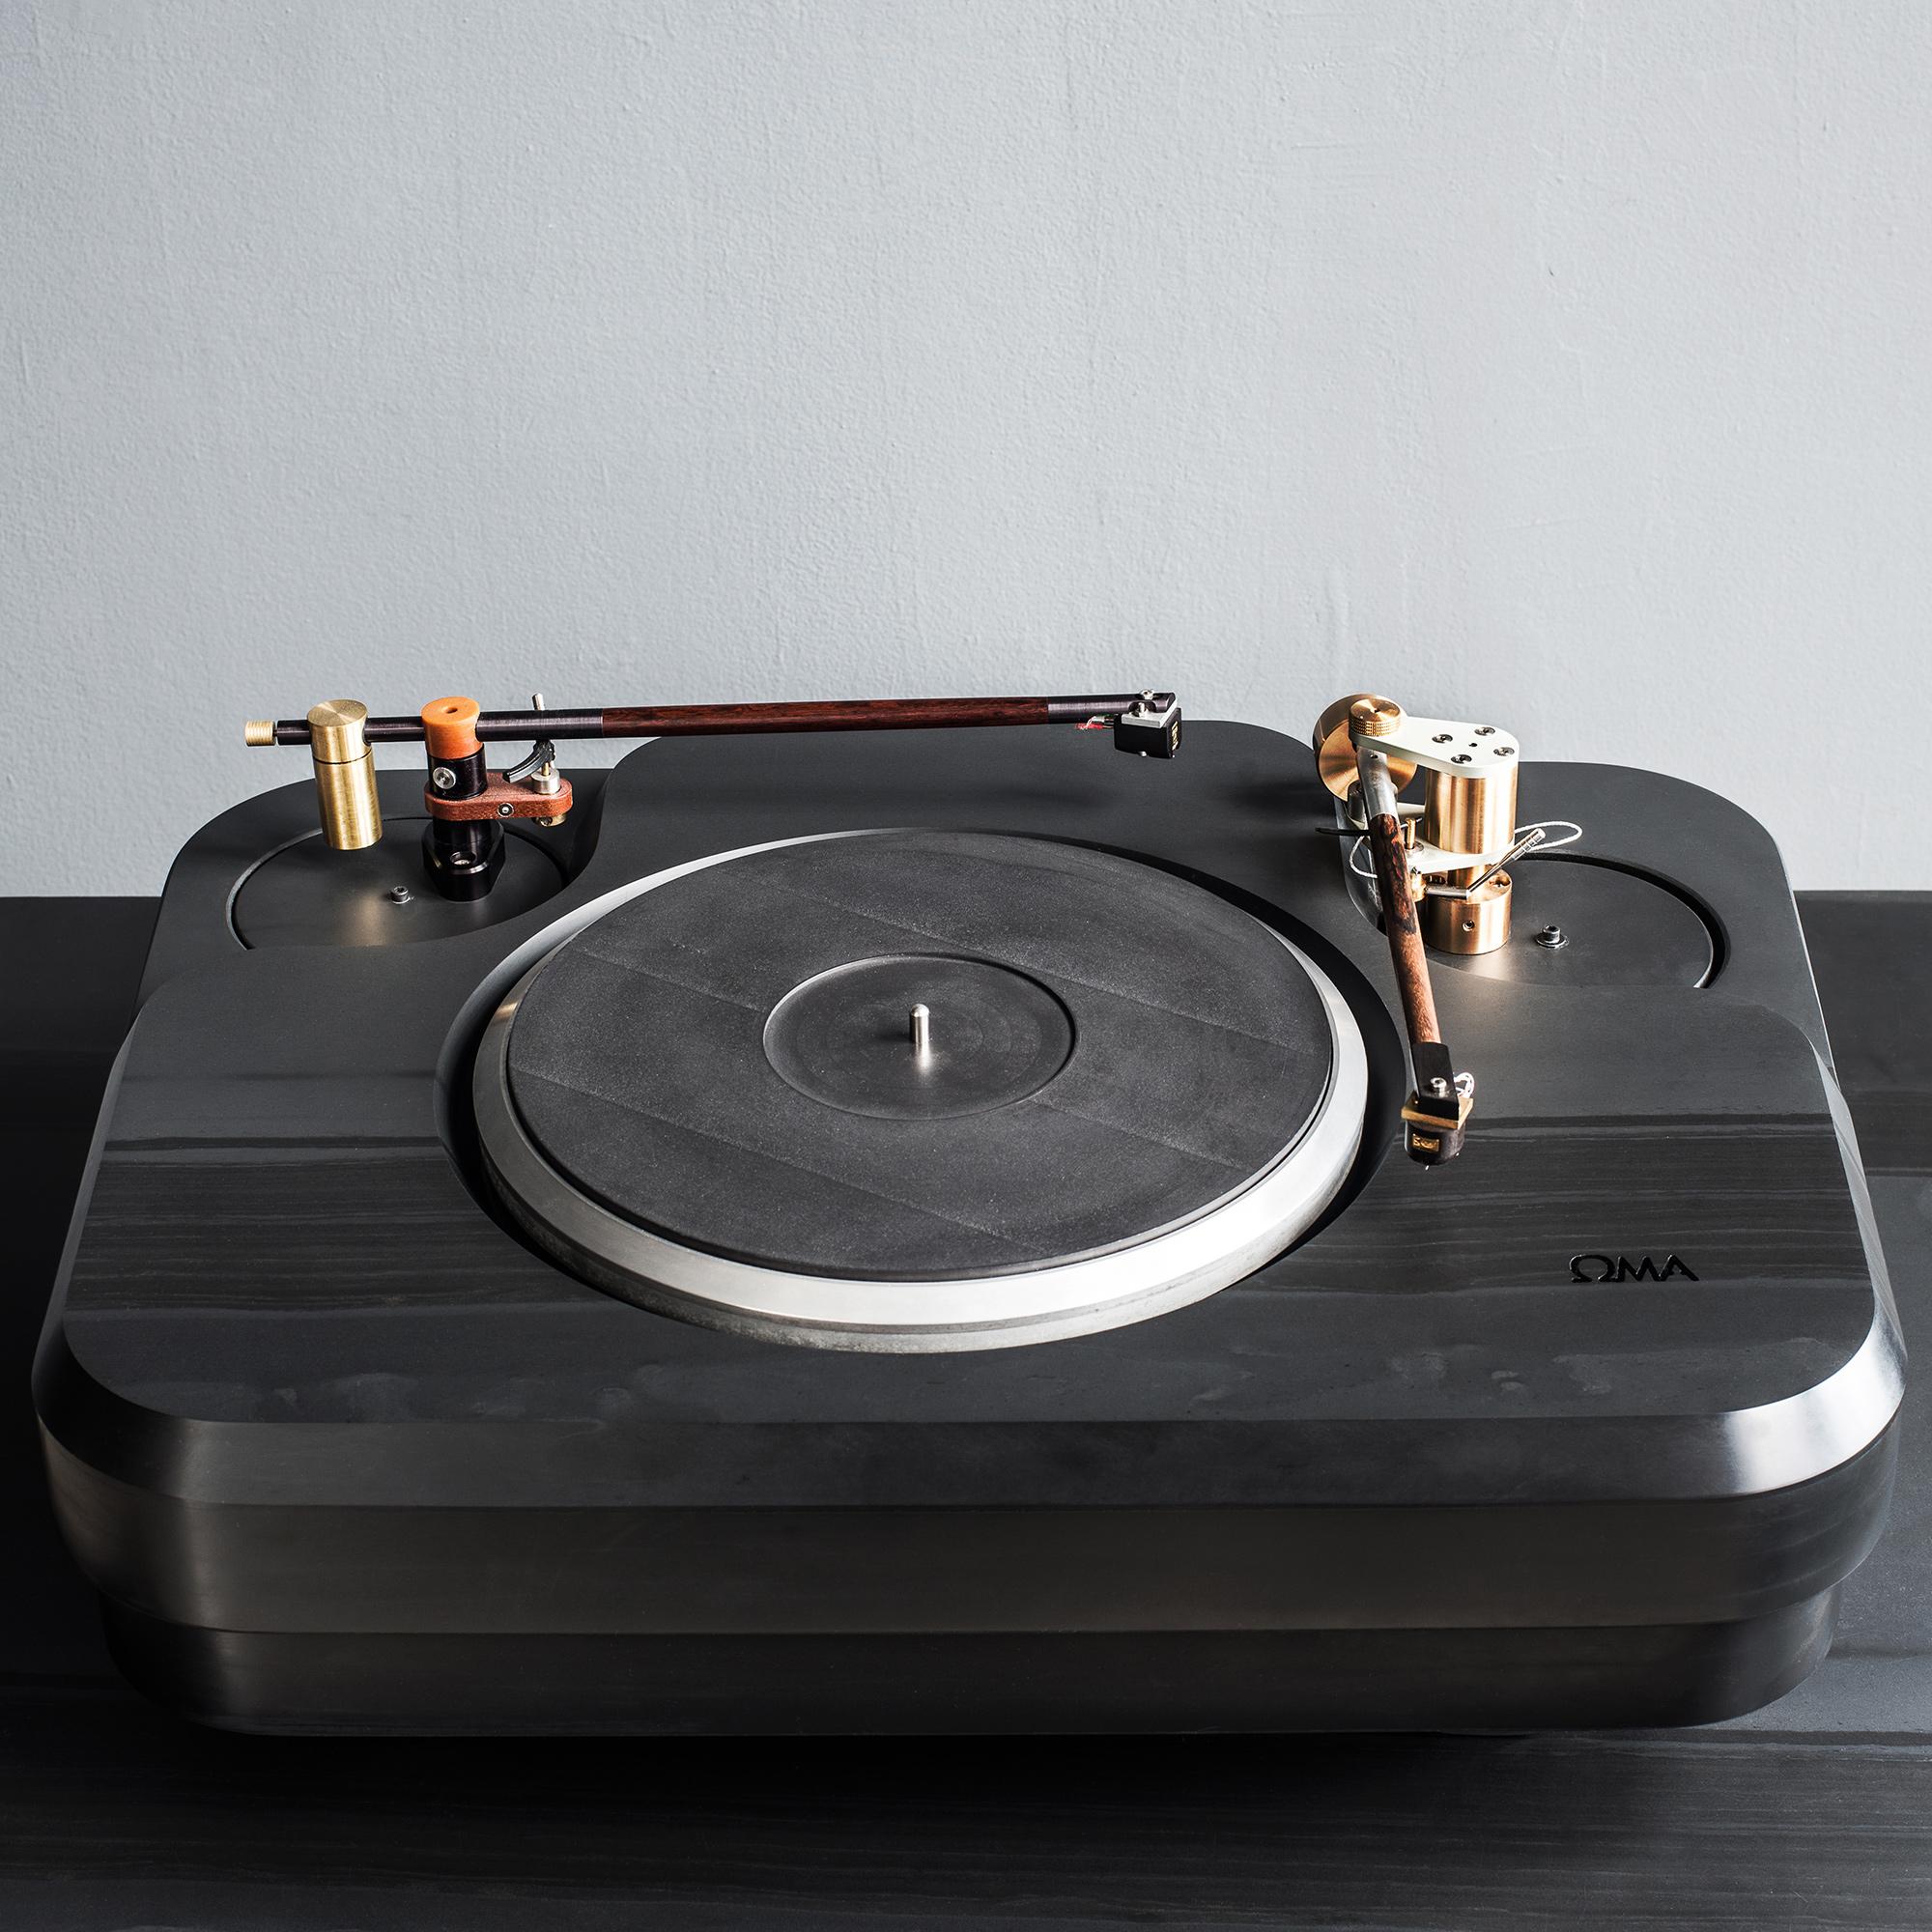 oswalds mill audio tourmaline turntable oma turntable. Black Bedroom Furniture Sets. Home Design Ideas